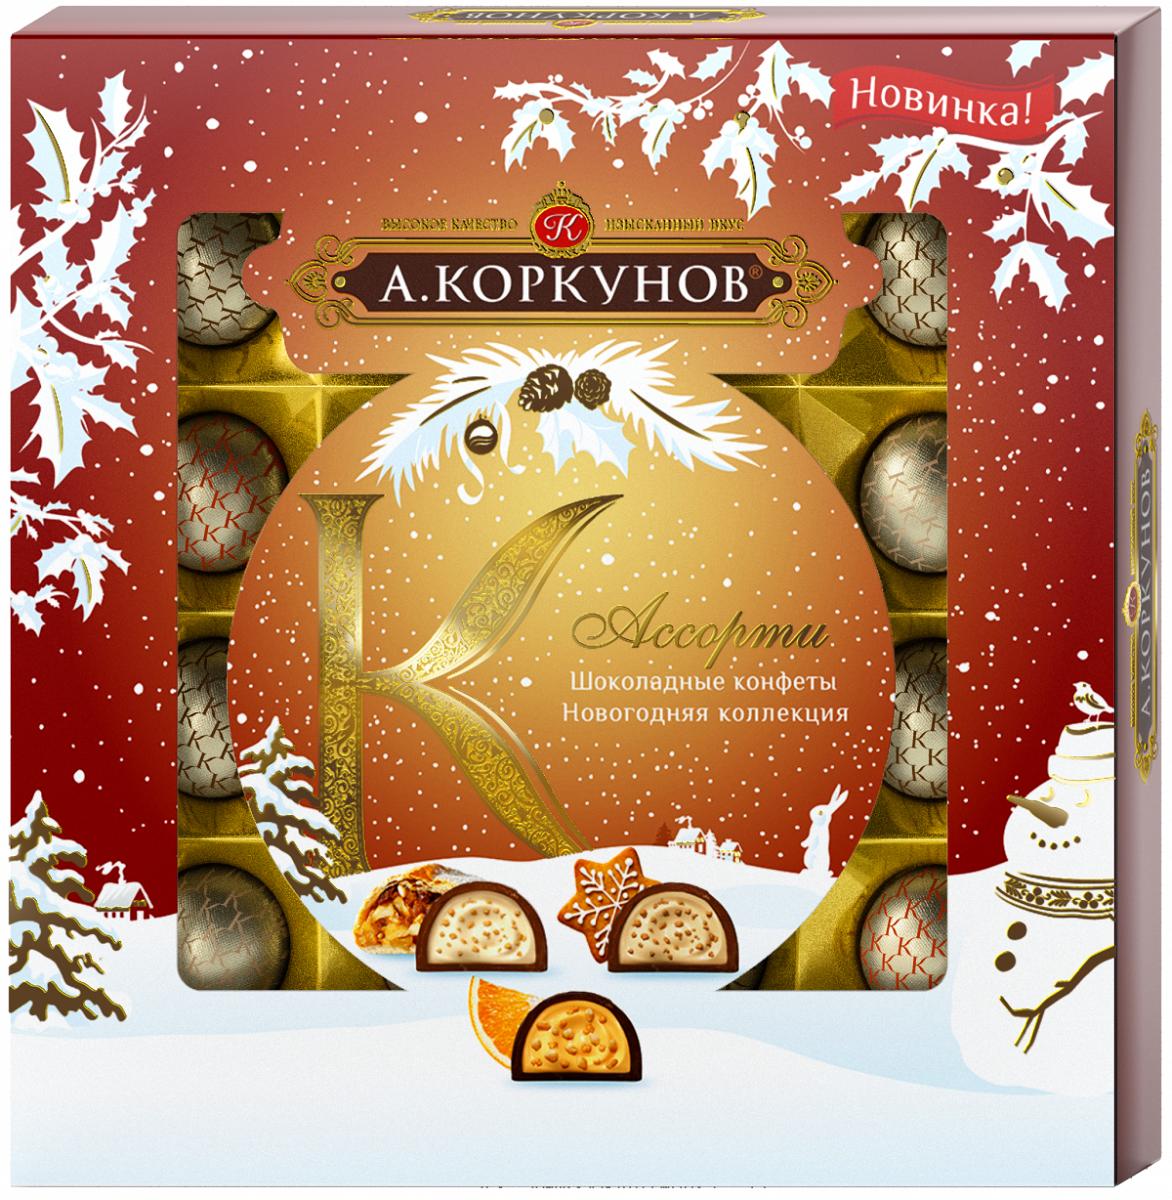 А.Коркунов новогодняя коллекция ассорти конфет, 120 г4606720008645Шоколадные конфеты А.КОРКУНОВ® создаются из отборных орехов и какао-бобов по классическим канонам шоколадного производства и оригинальным рецептурам, разработанным нашими экспертами -шоколатье. Вы можете оценить разнообразие нескольких шоколадных композиций в одной коробке Ассорти.